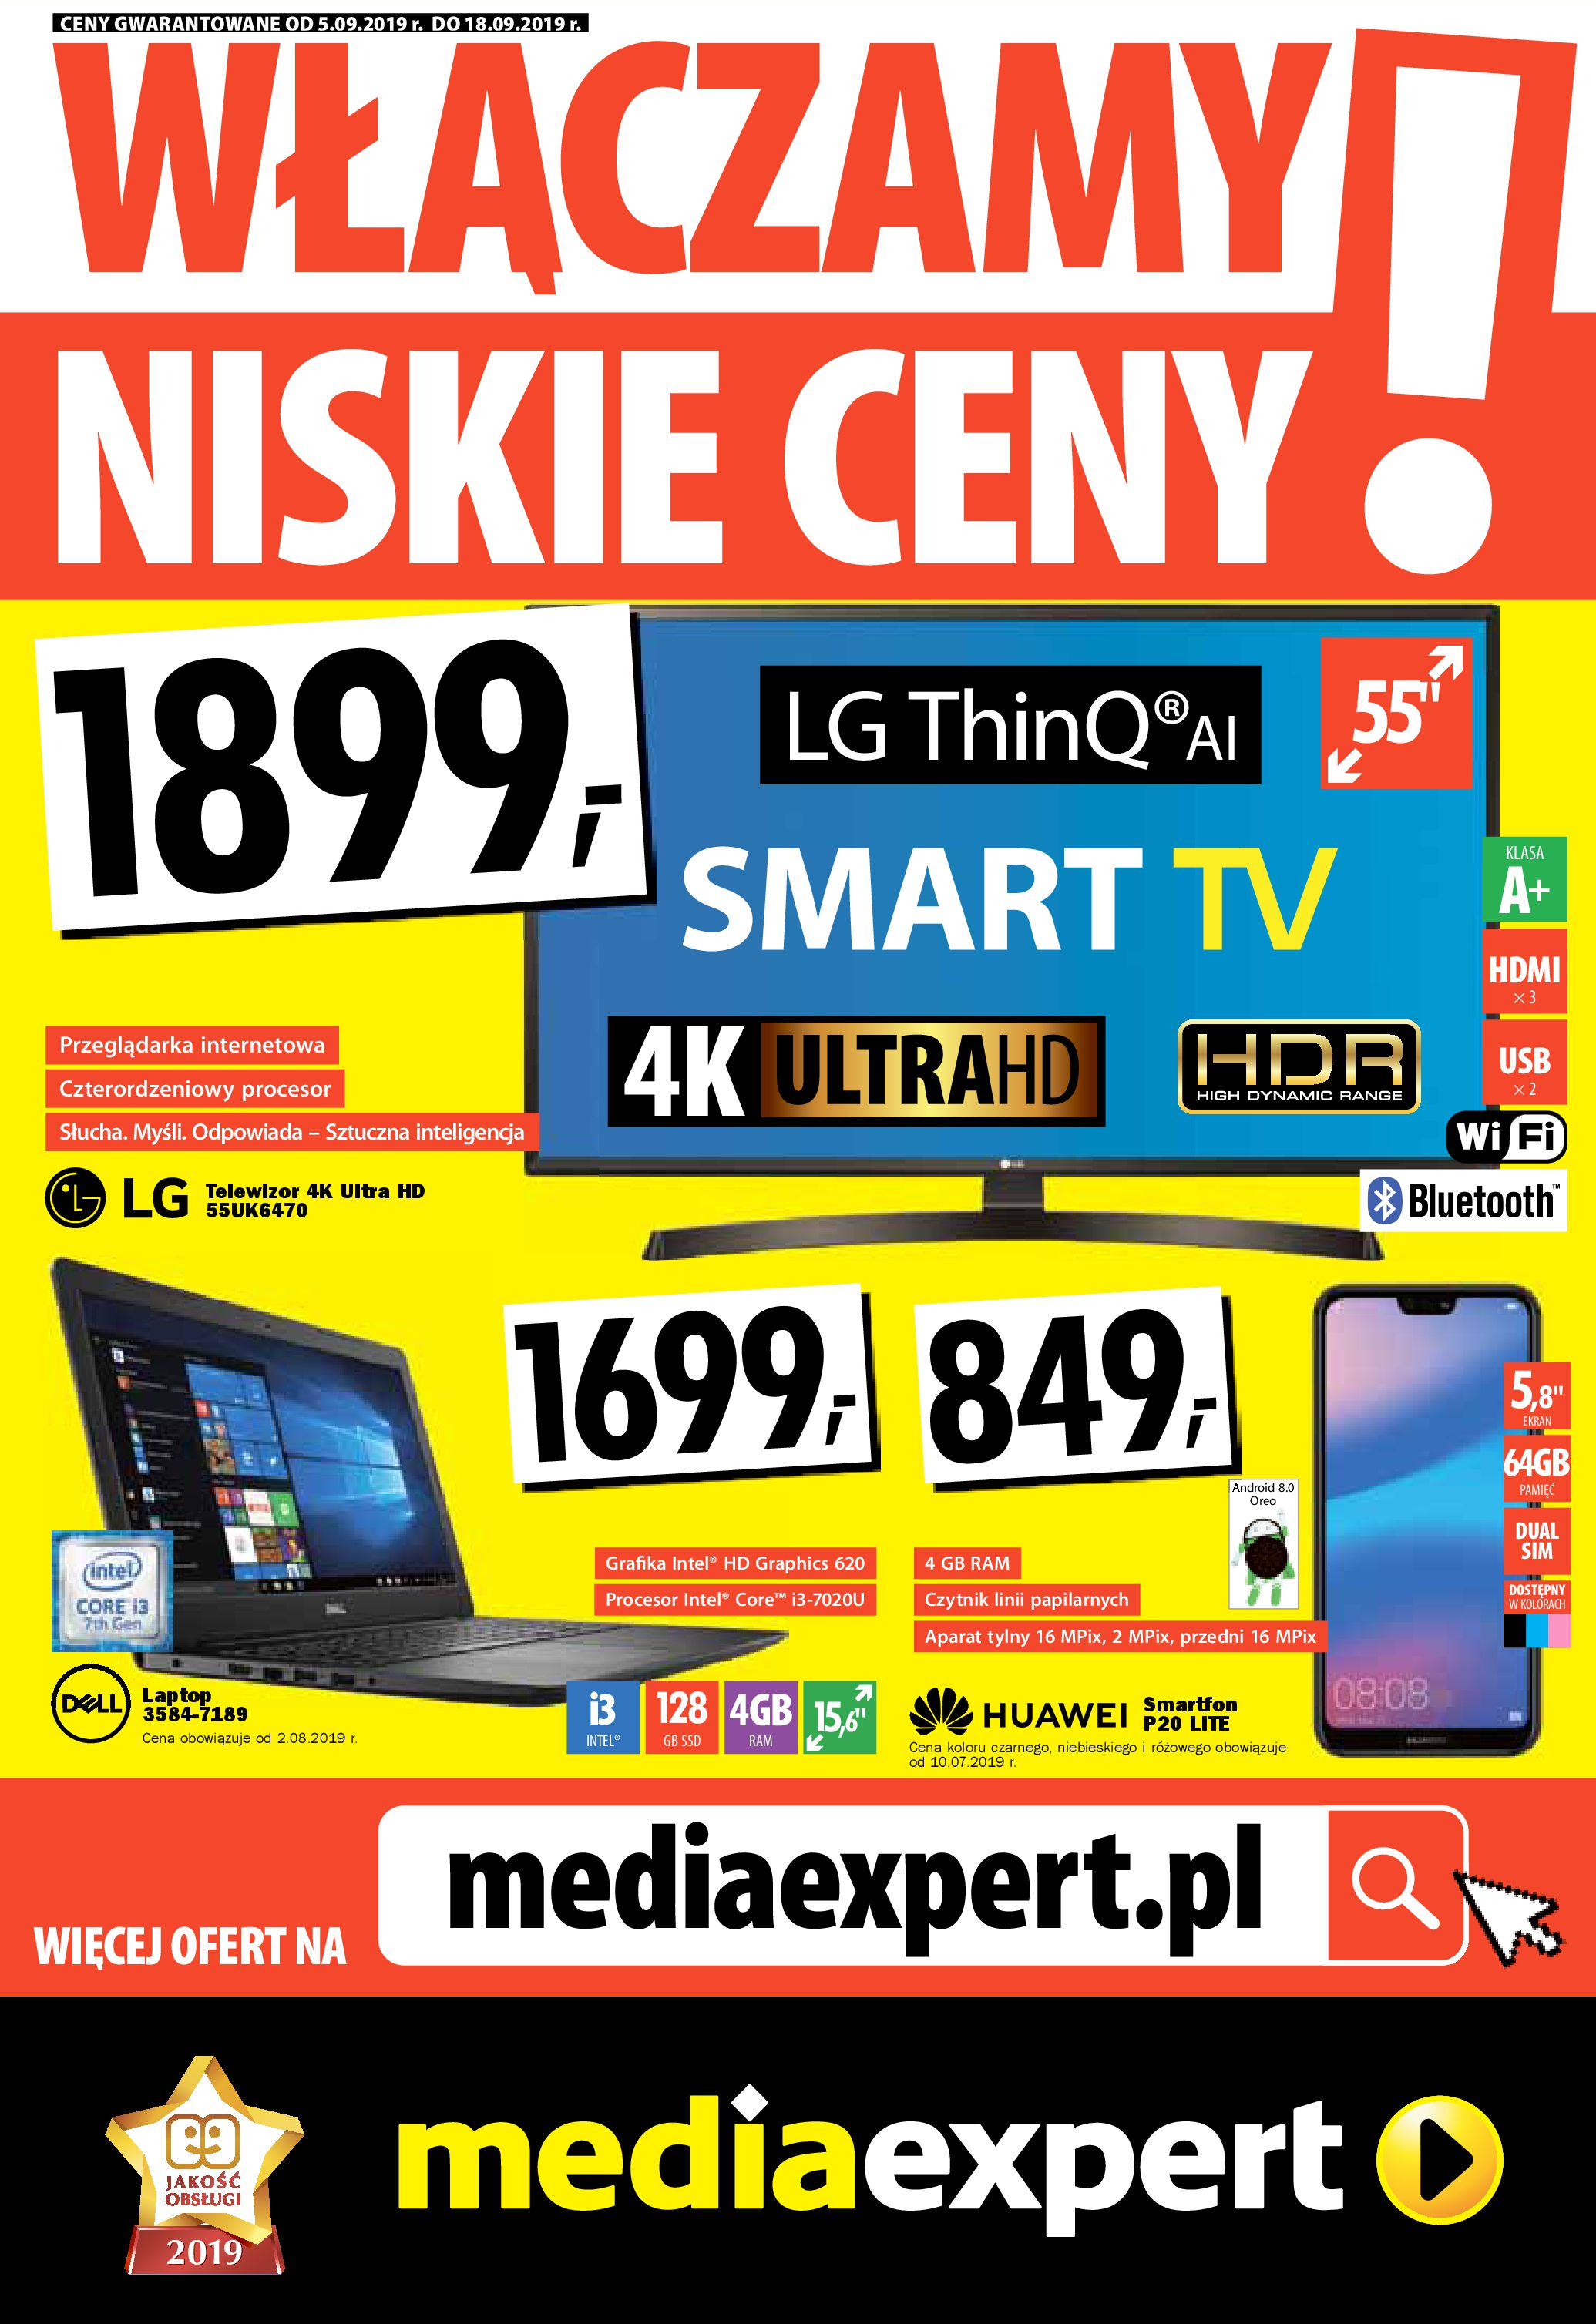 Gazetka Media Expert - WŁĄCZAMY NISKIE CENY!-04.09.2019-18.09.2019-page-